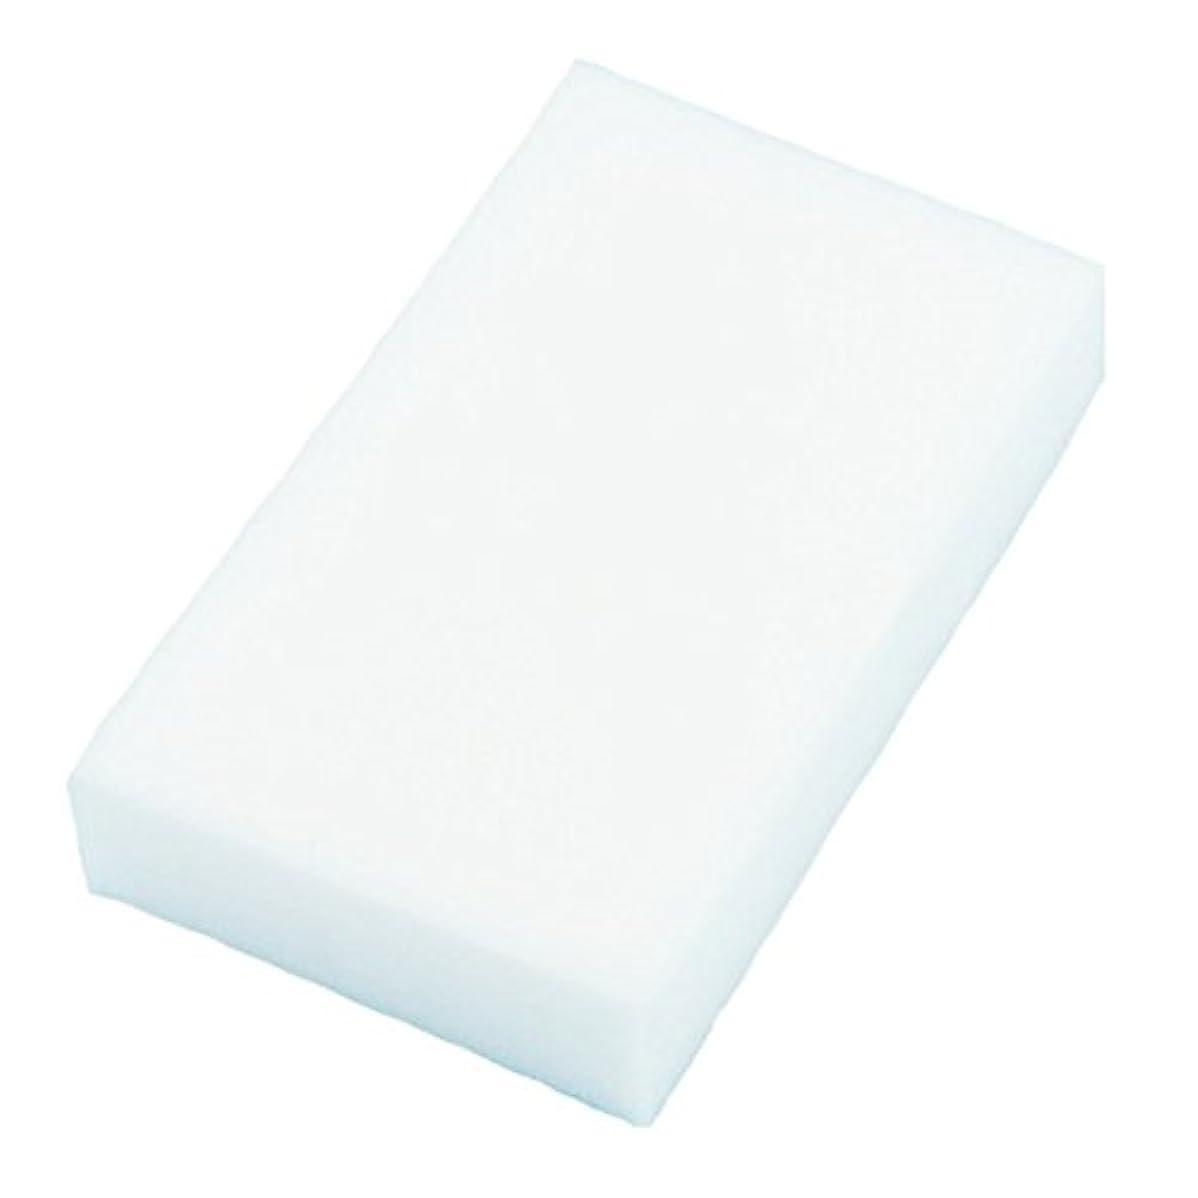 移動櫛確保するACAMPTAR 20xマジックマルチスポンジ クリーンフォームクリーナー クレンジング消しゴム 洗車キッチン 10cmX6cmX2cm(白)